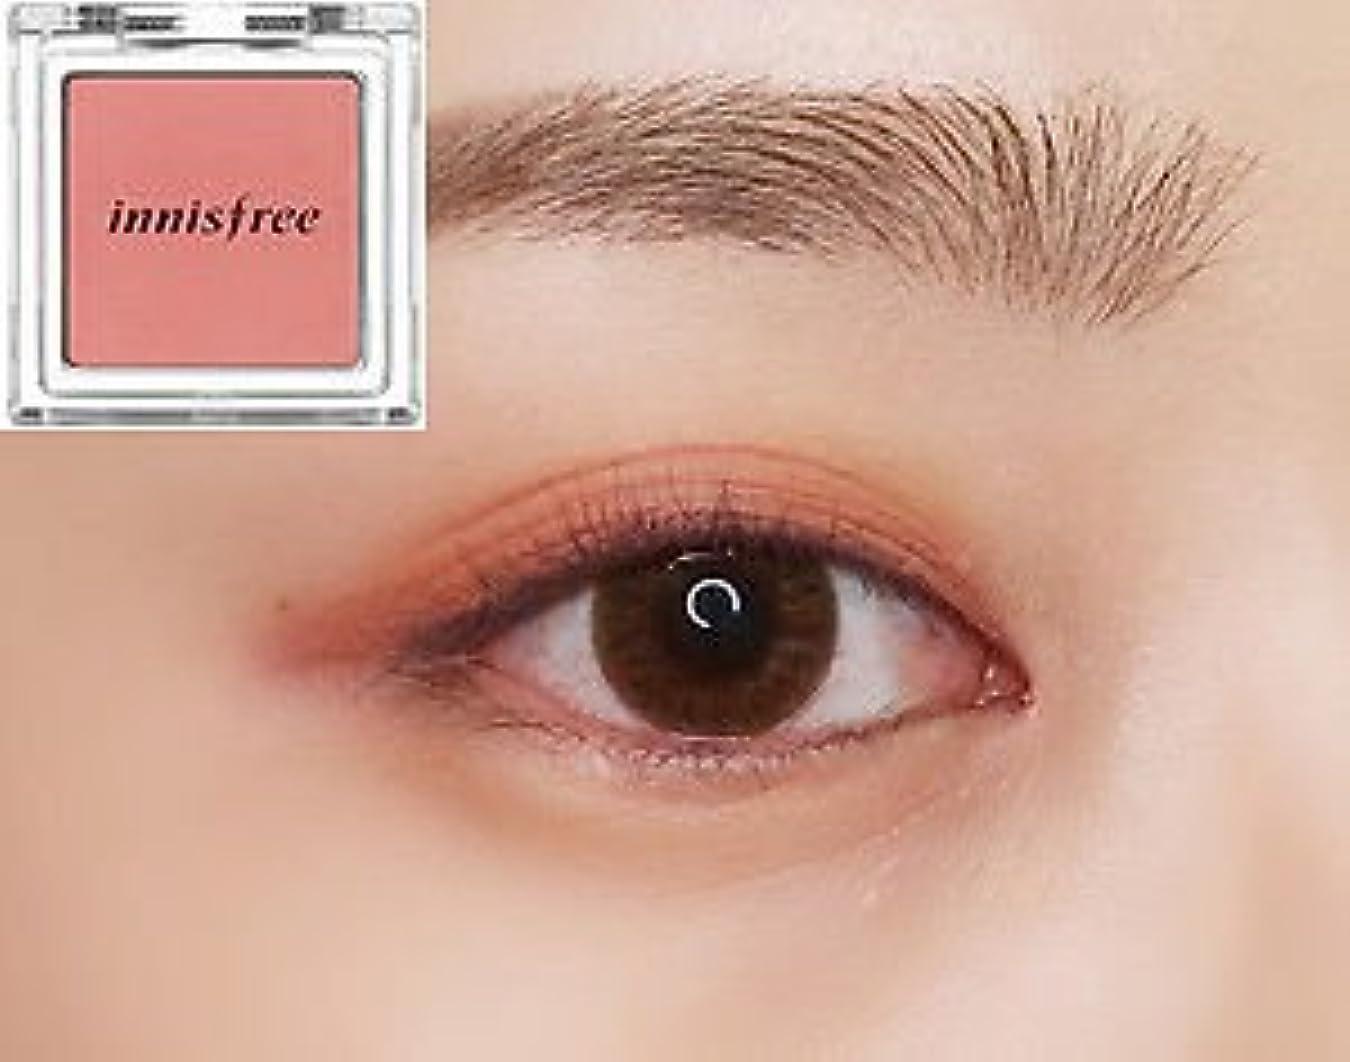 主人スタッフ要求[イニスフリー] innisfree [マイ パレット マイ アイシャドウ (マット) 40カラー] MY PALETTE My Eyeshadow (Matte) 40 Shades [海外直送品] (マット #33)